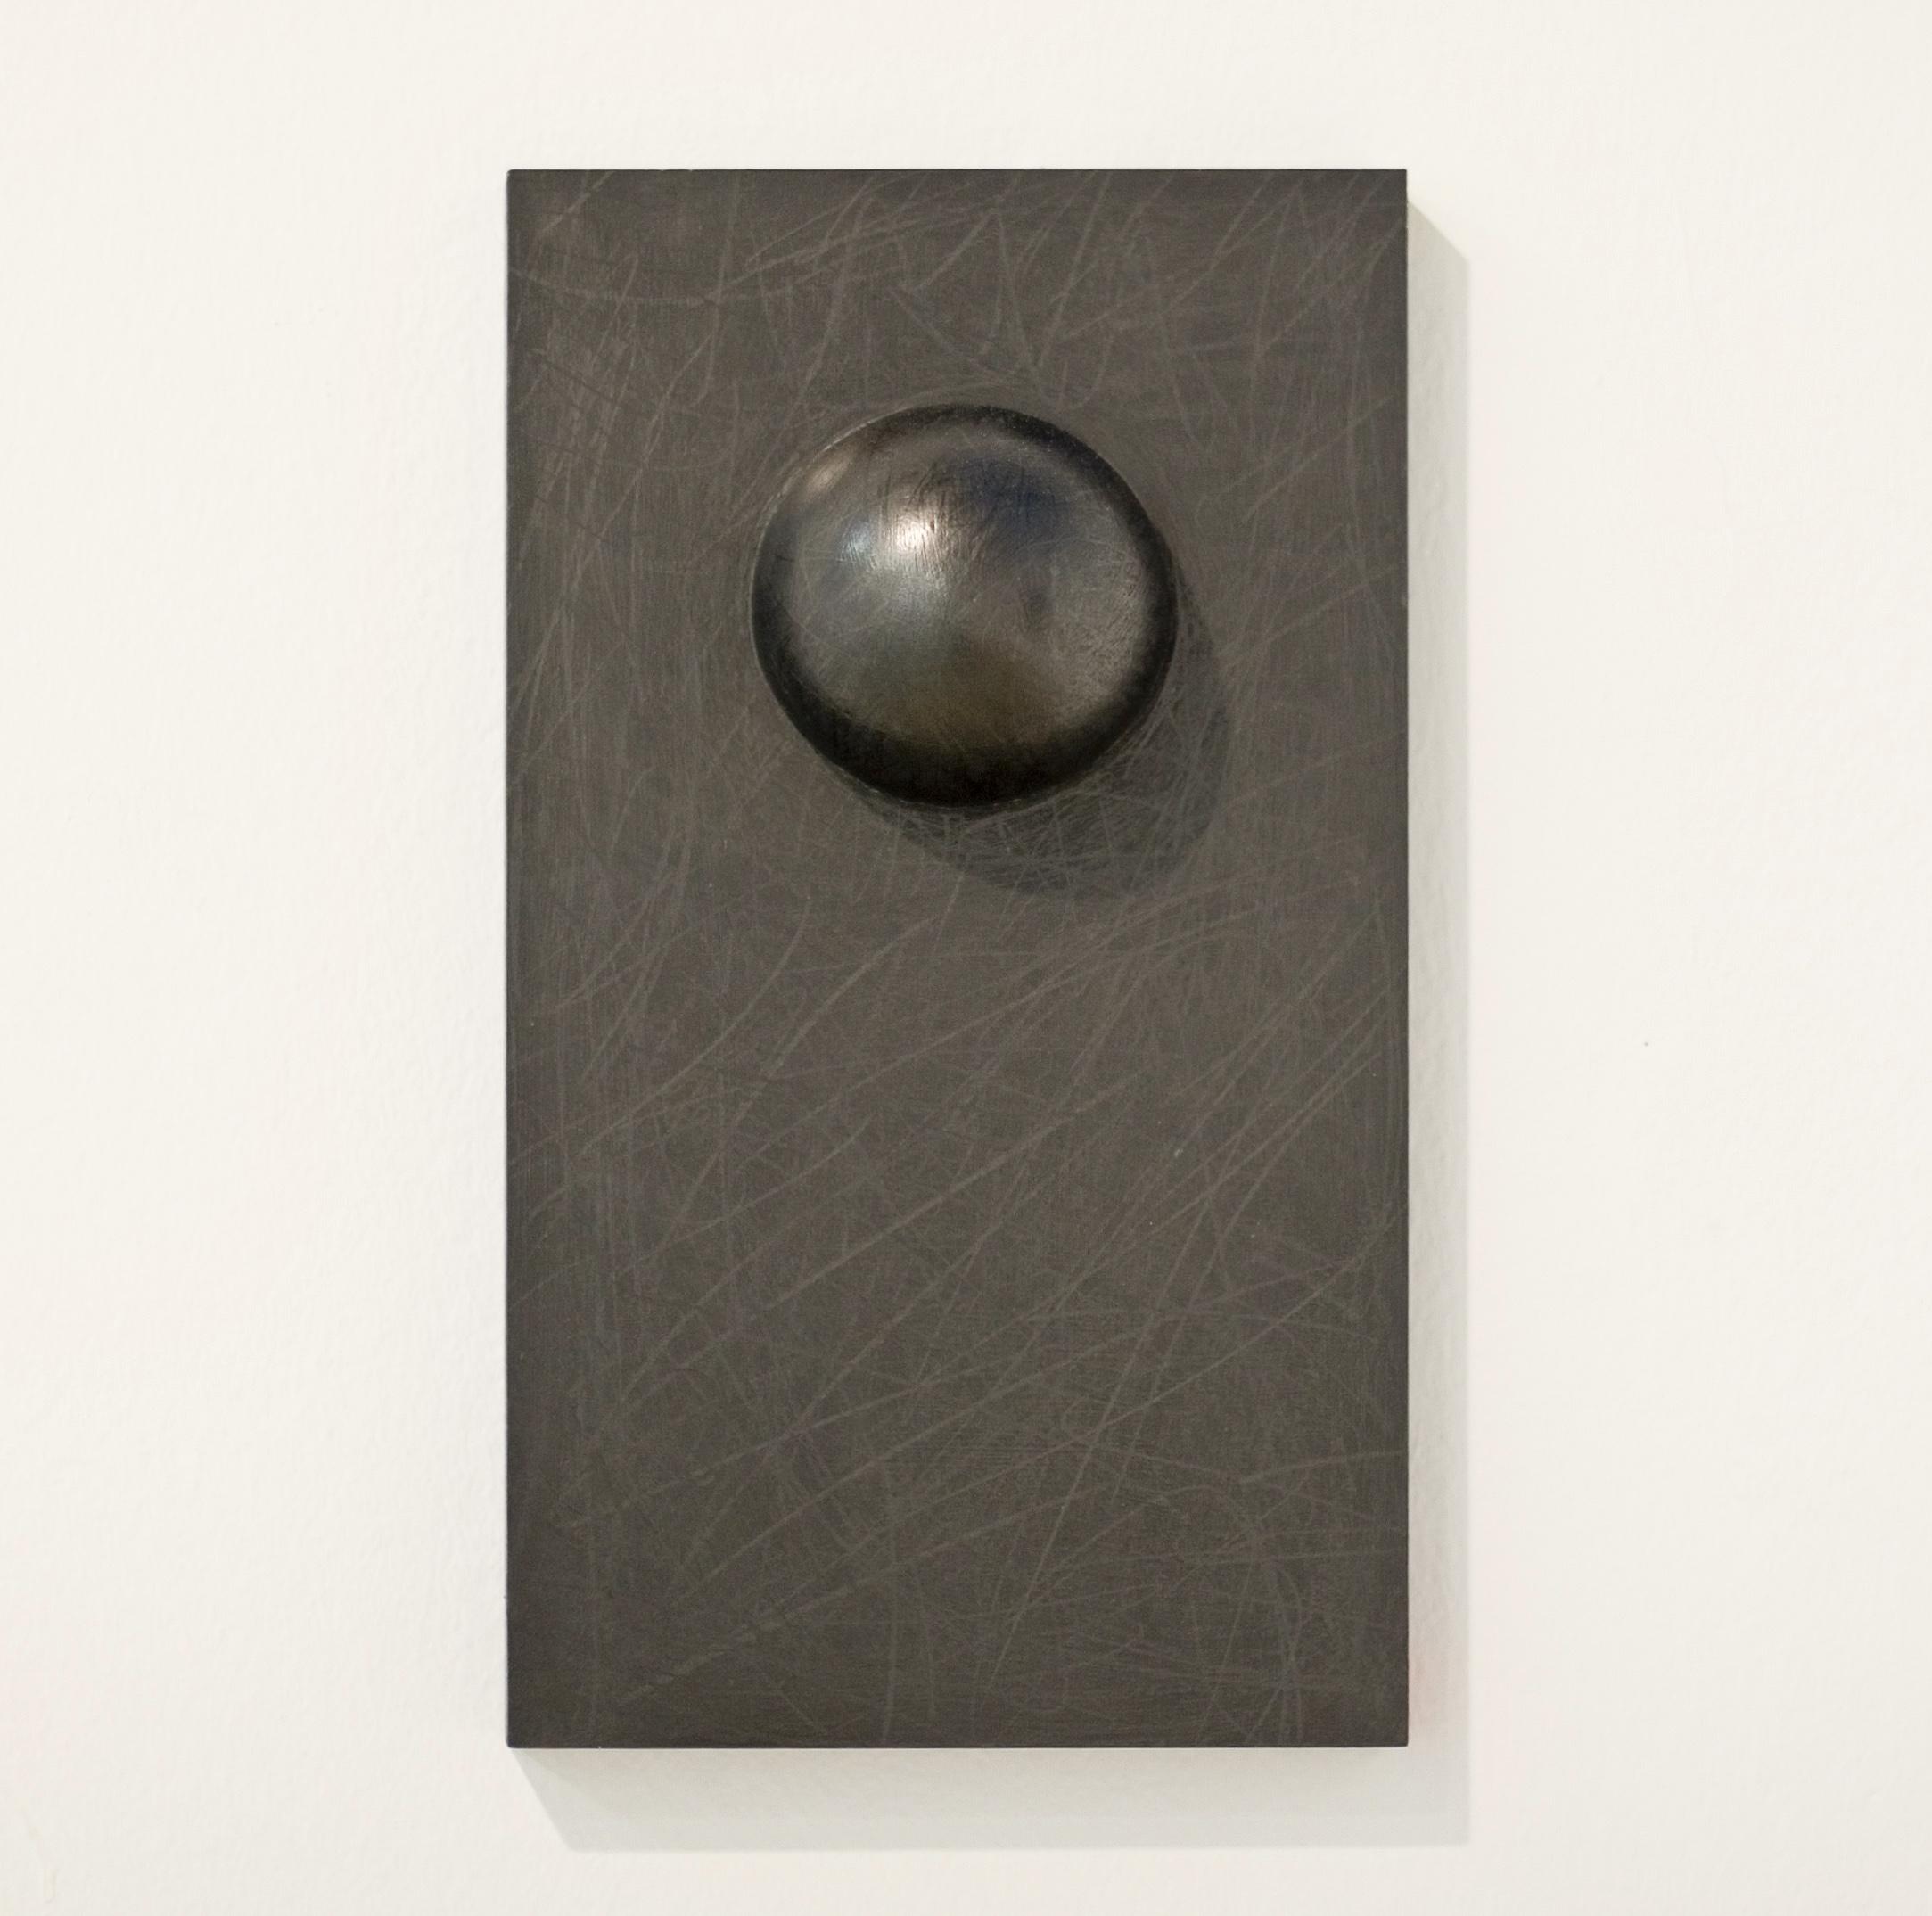 grafit, les, 41 x 23 cm, 1997